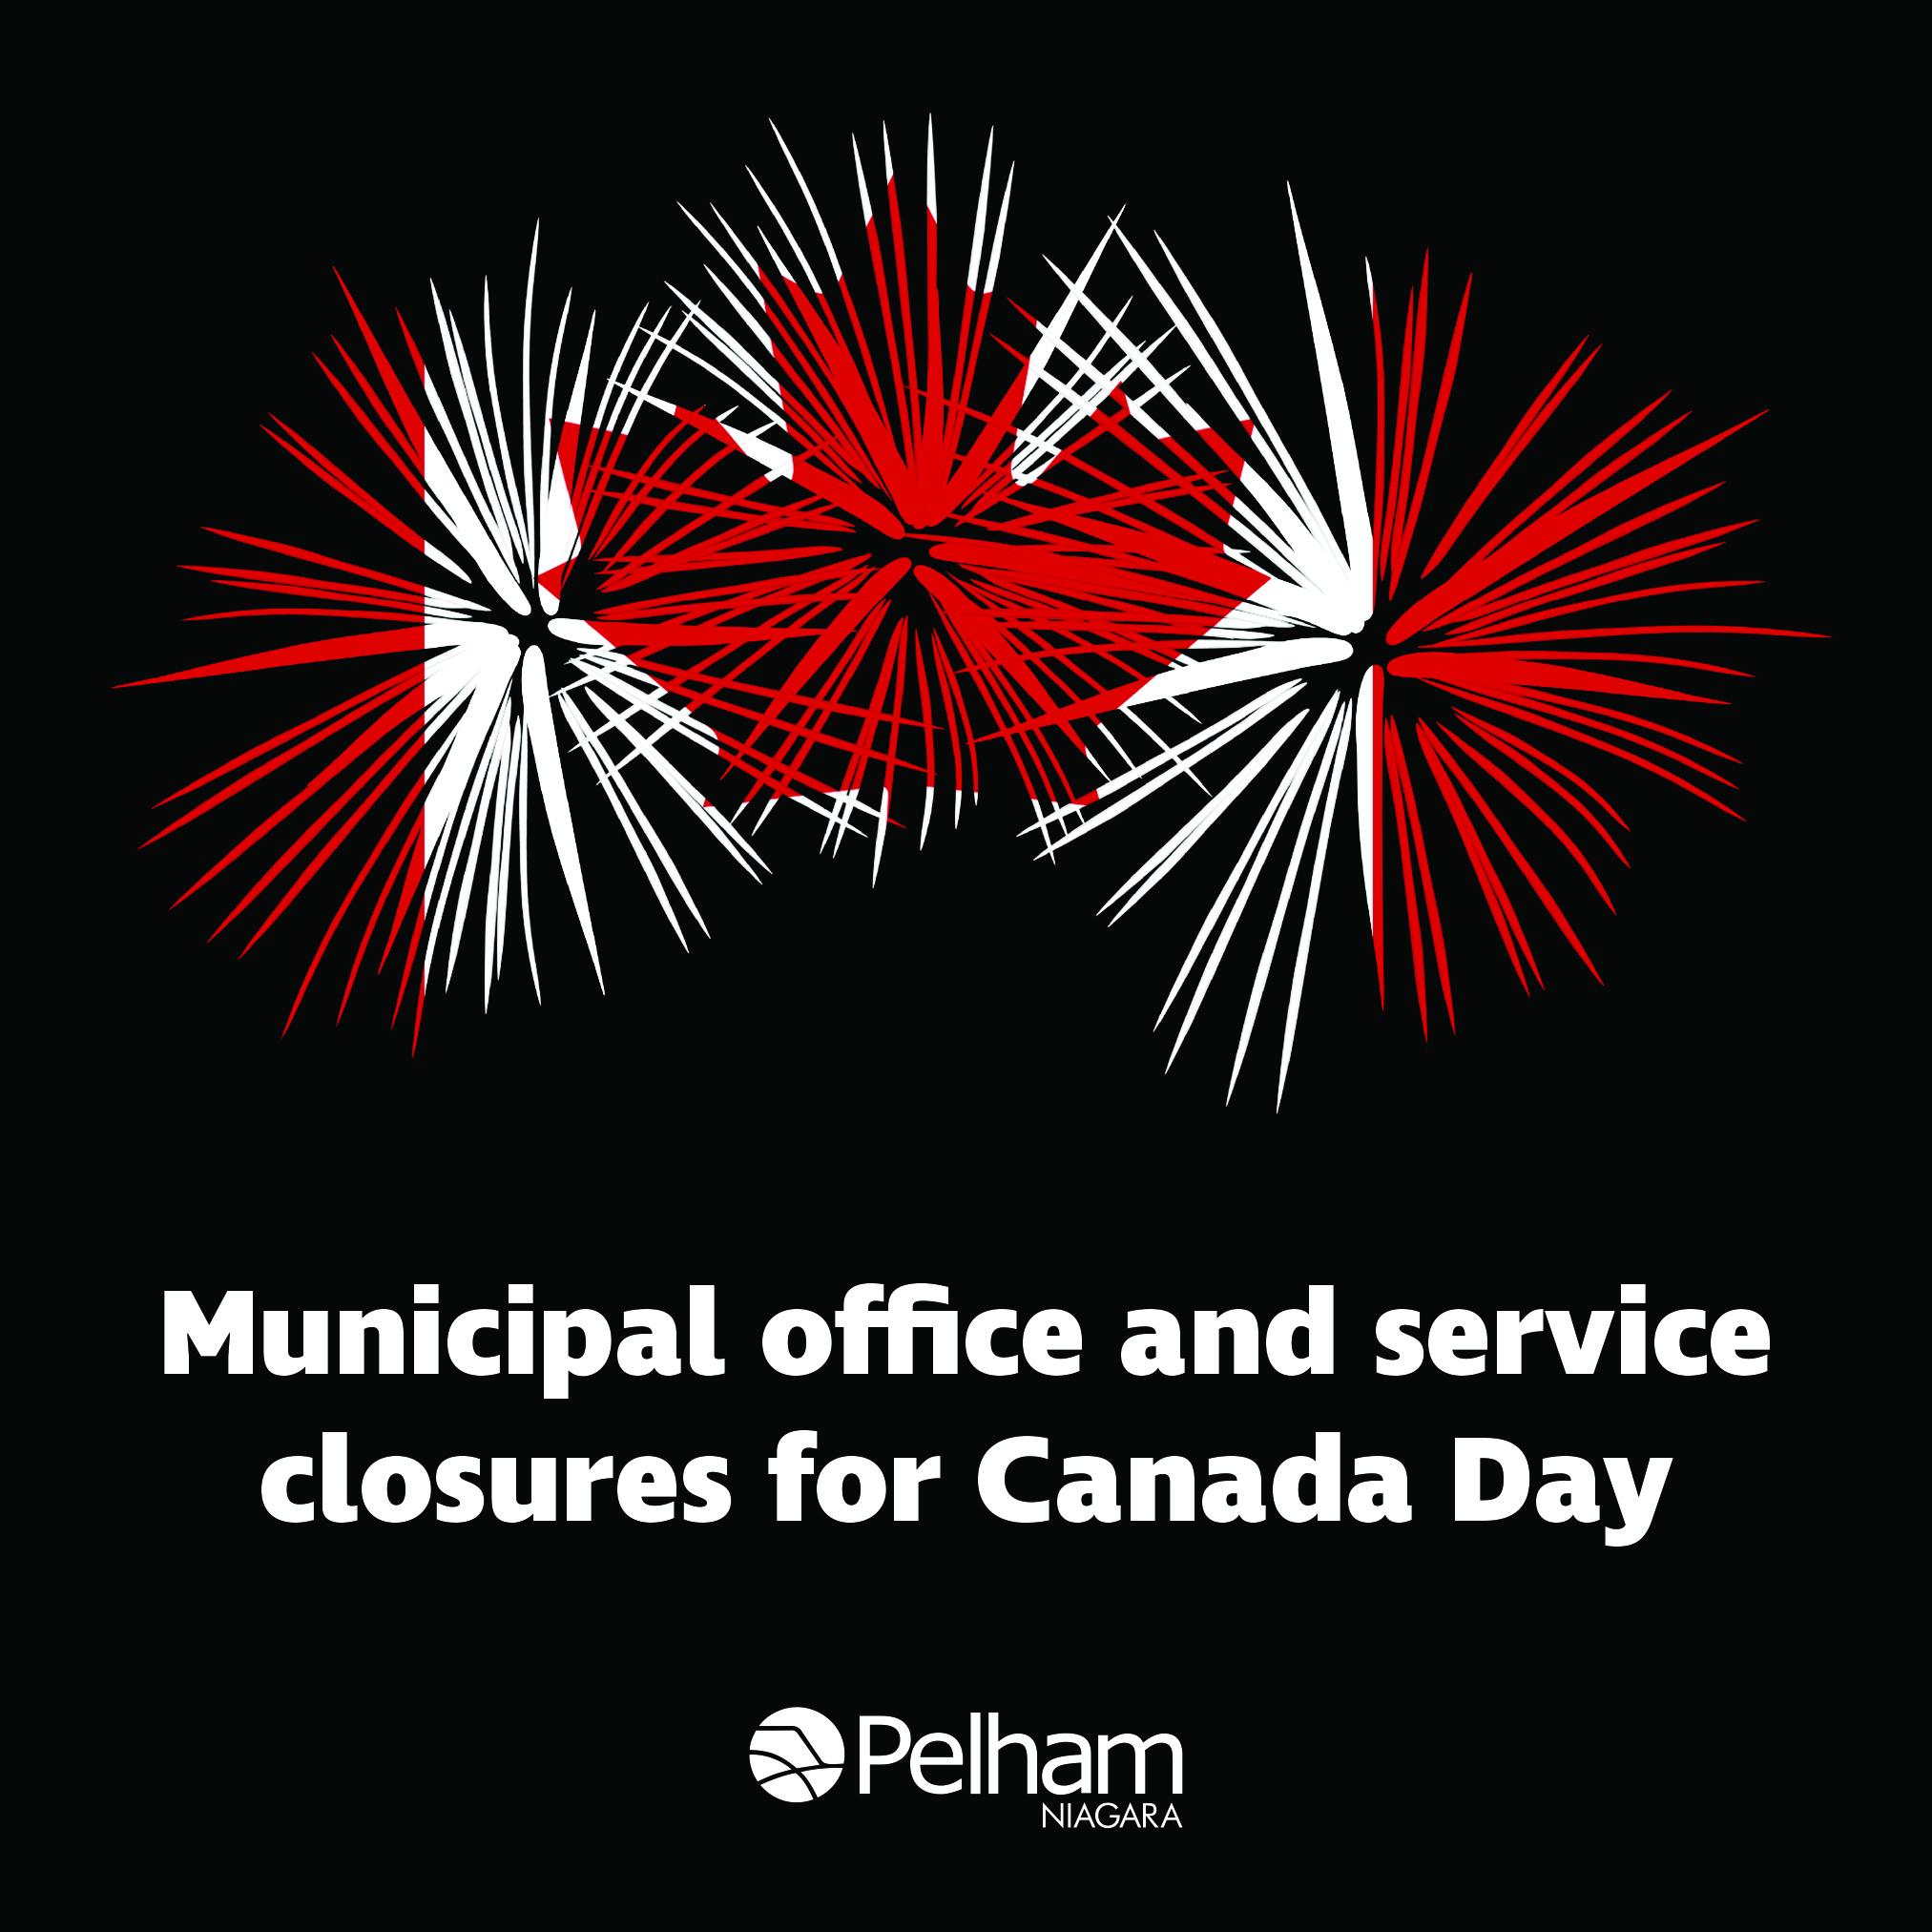 canada day closures